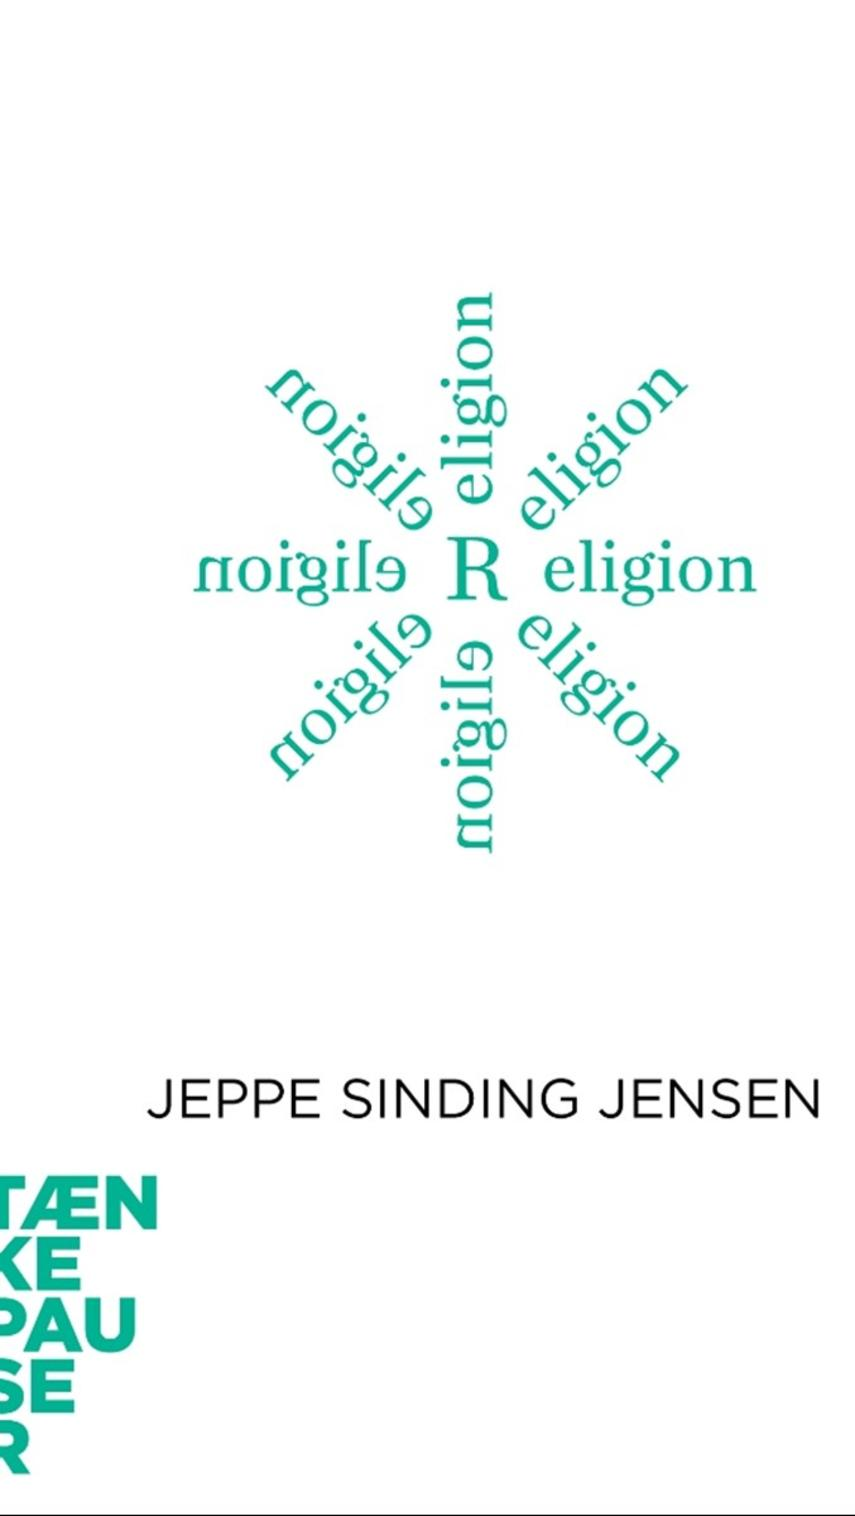 Jeppe Sinding Jensen: Religion